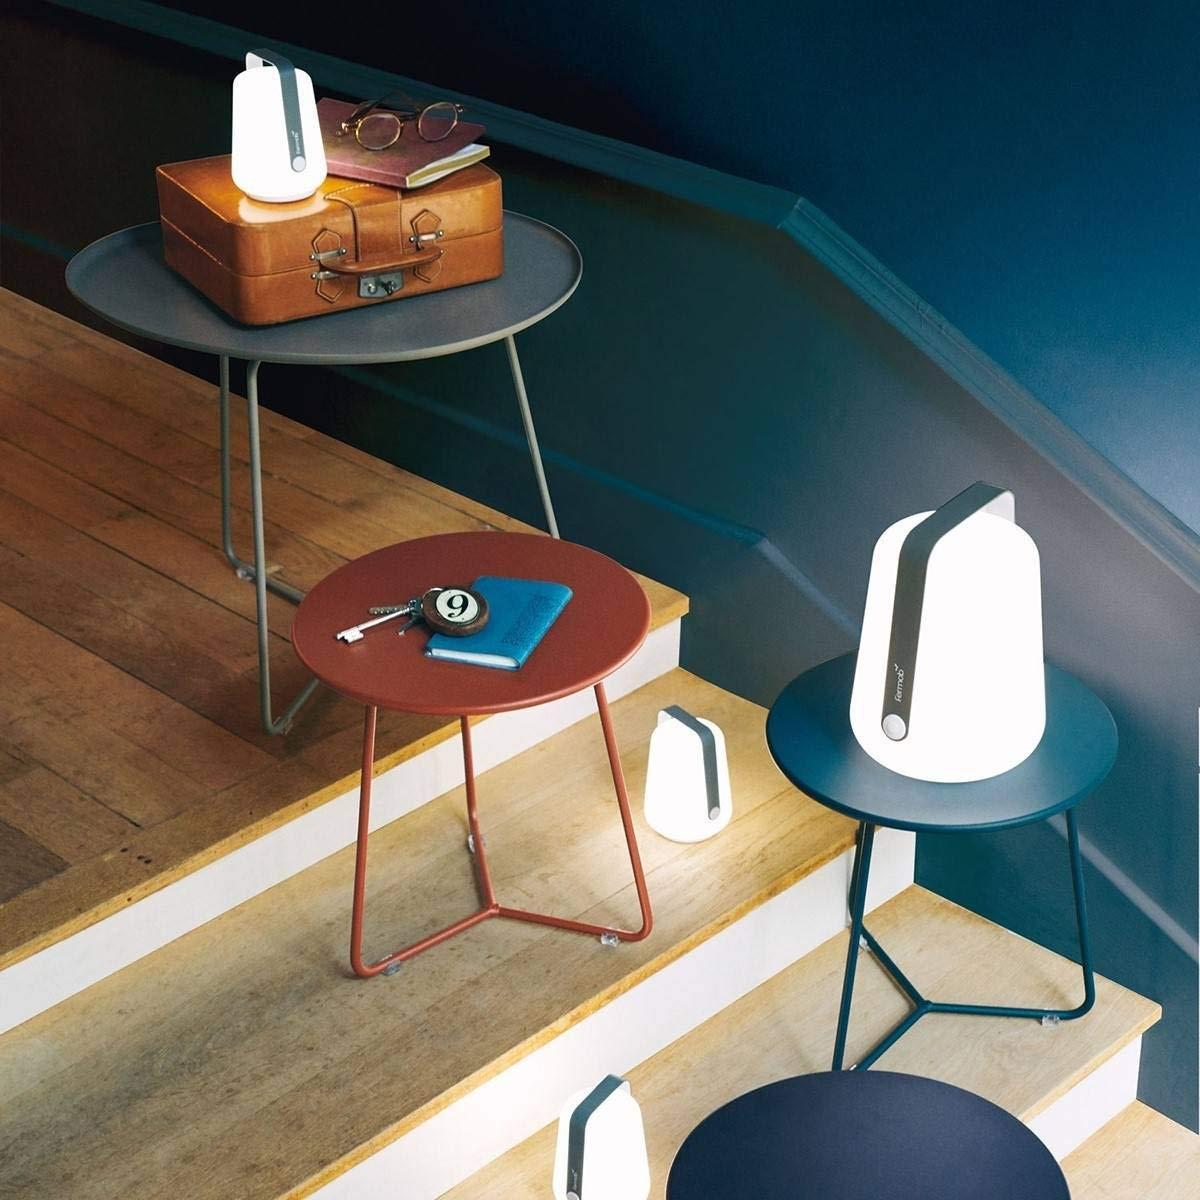 altezza 12 cm con batteria Laguna Blu senza fili Set di 3 mini lampadine per esterni Fermob Balad